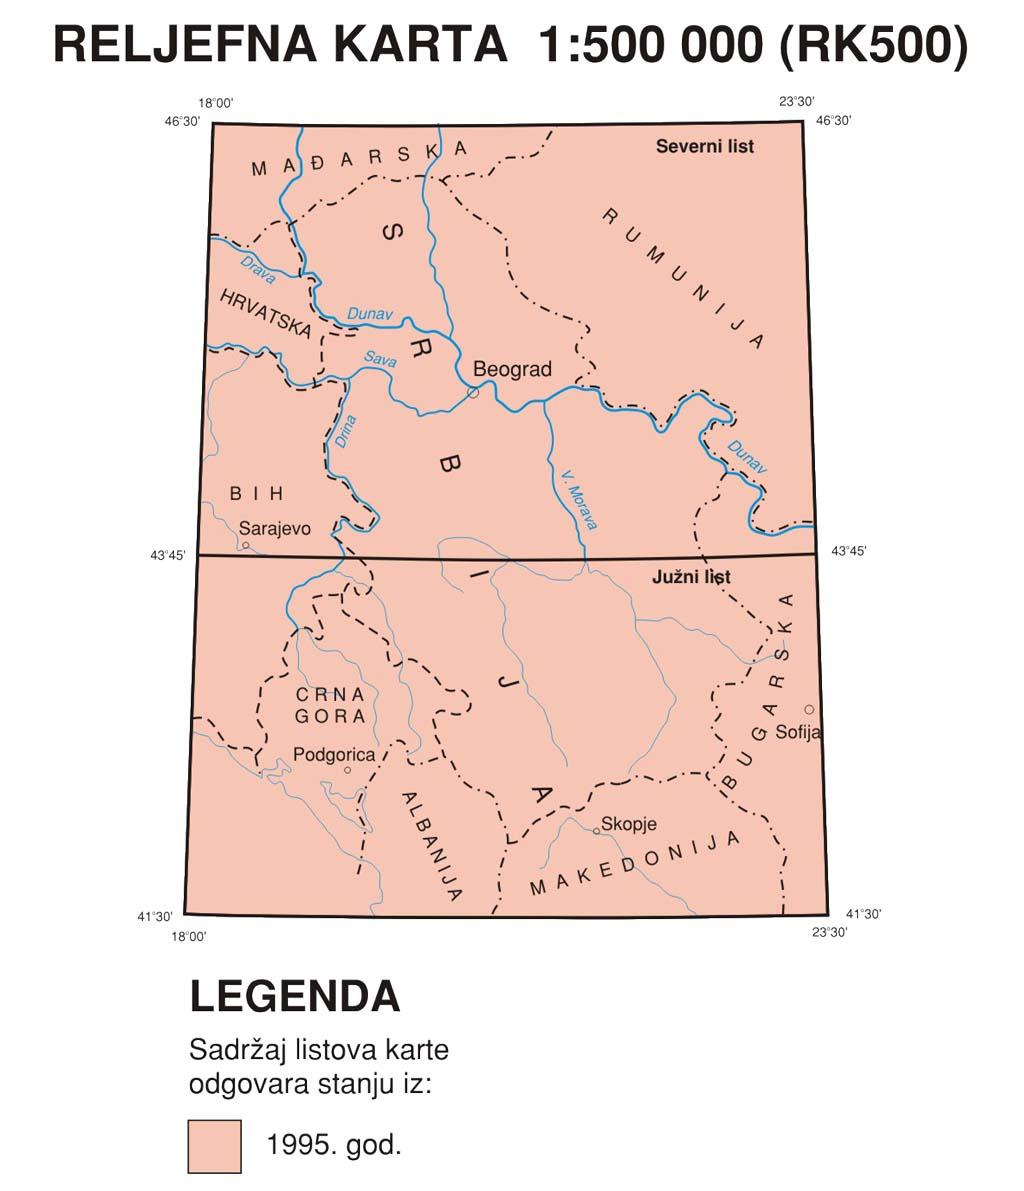 Рељефна прегледно-топографска карта 1:500.000